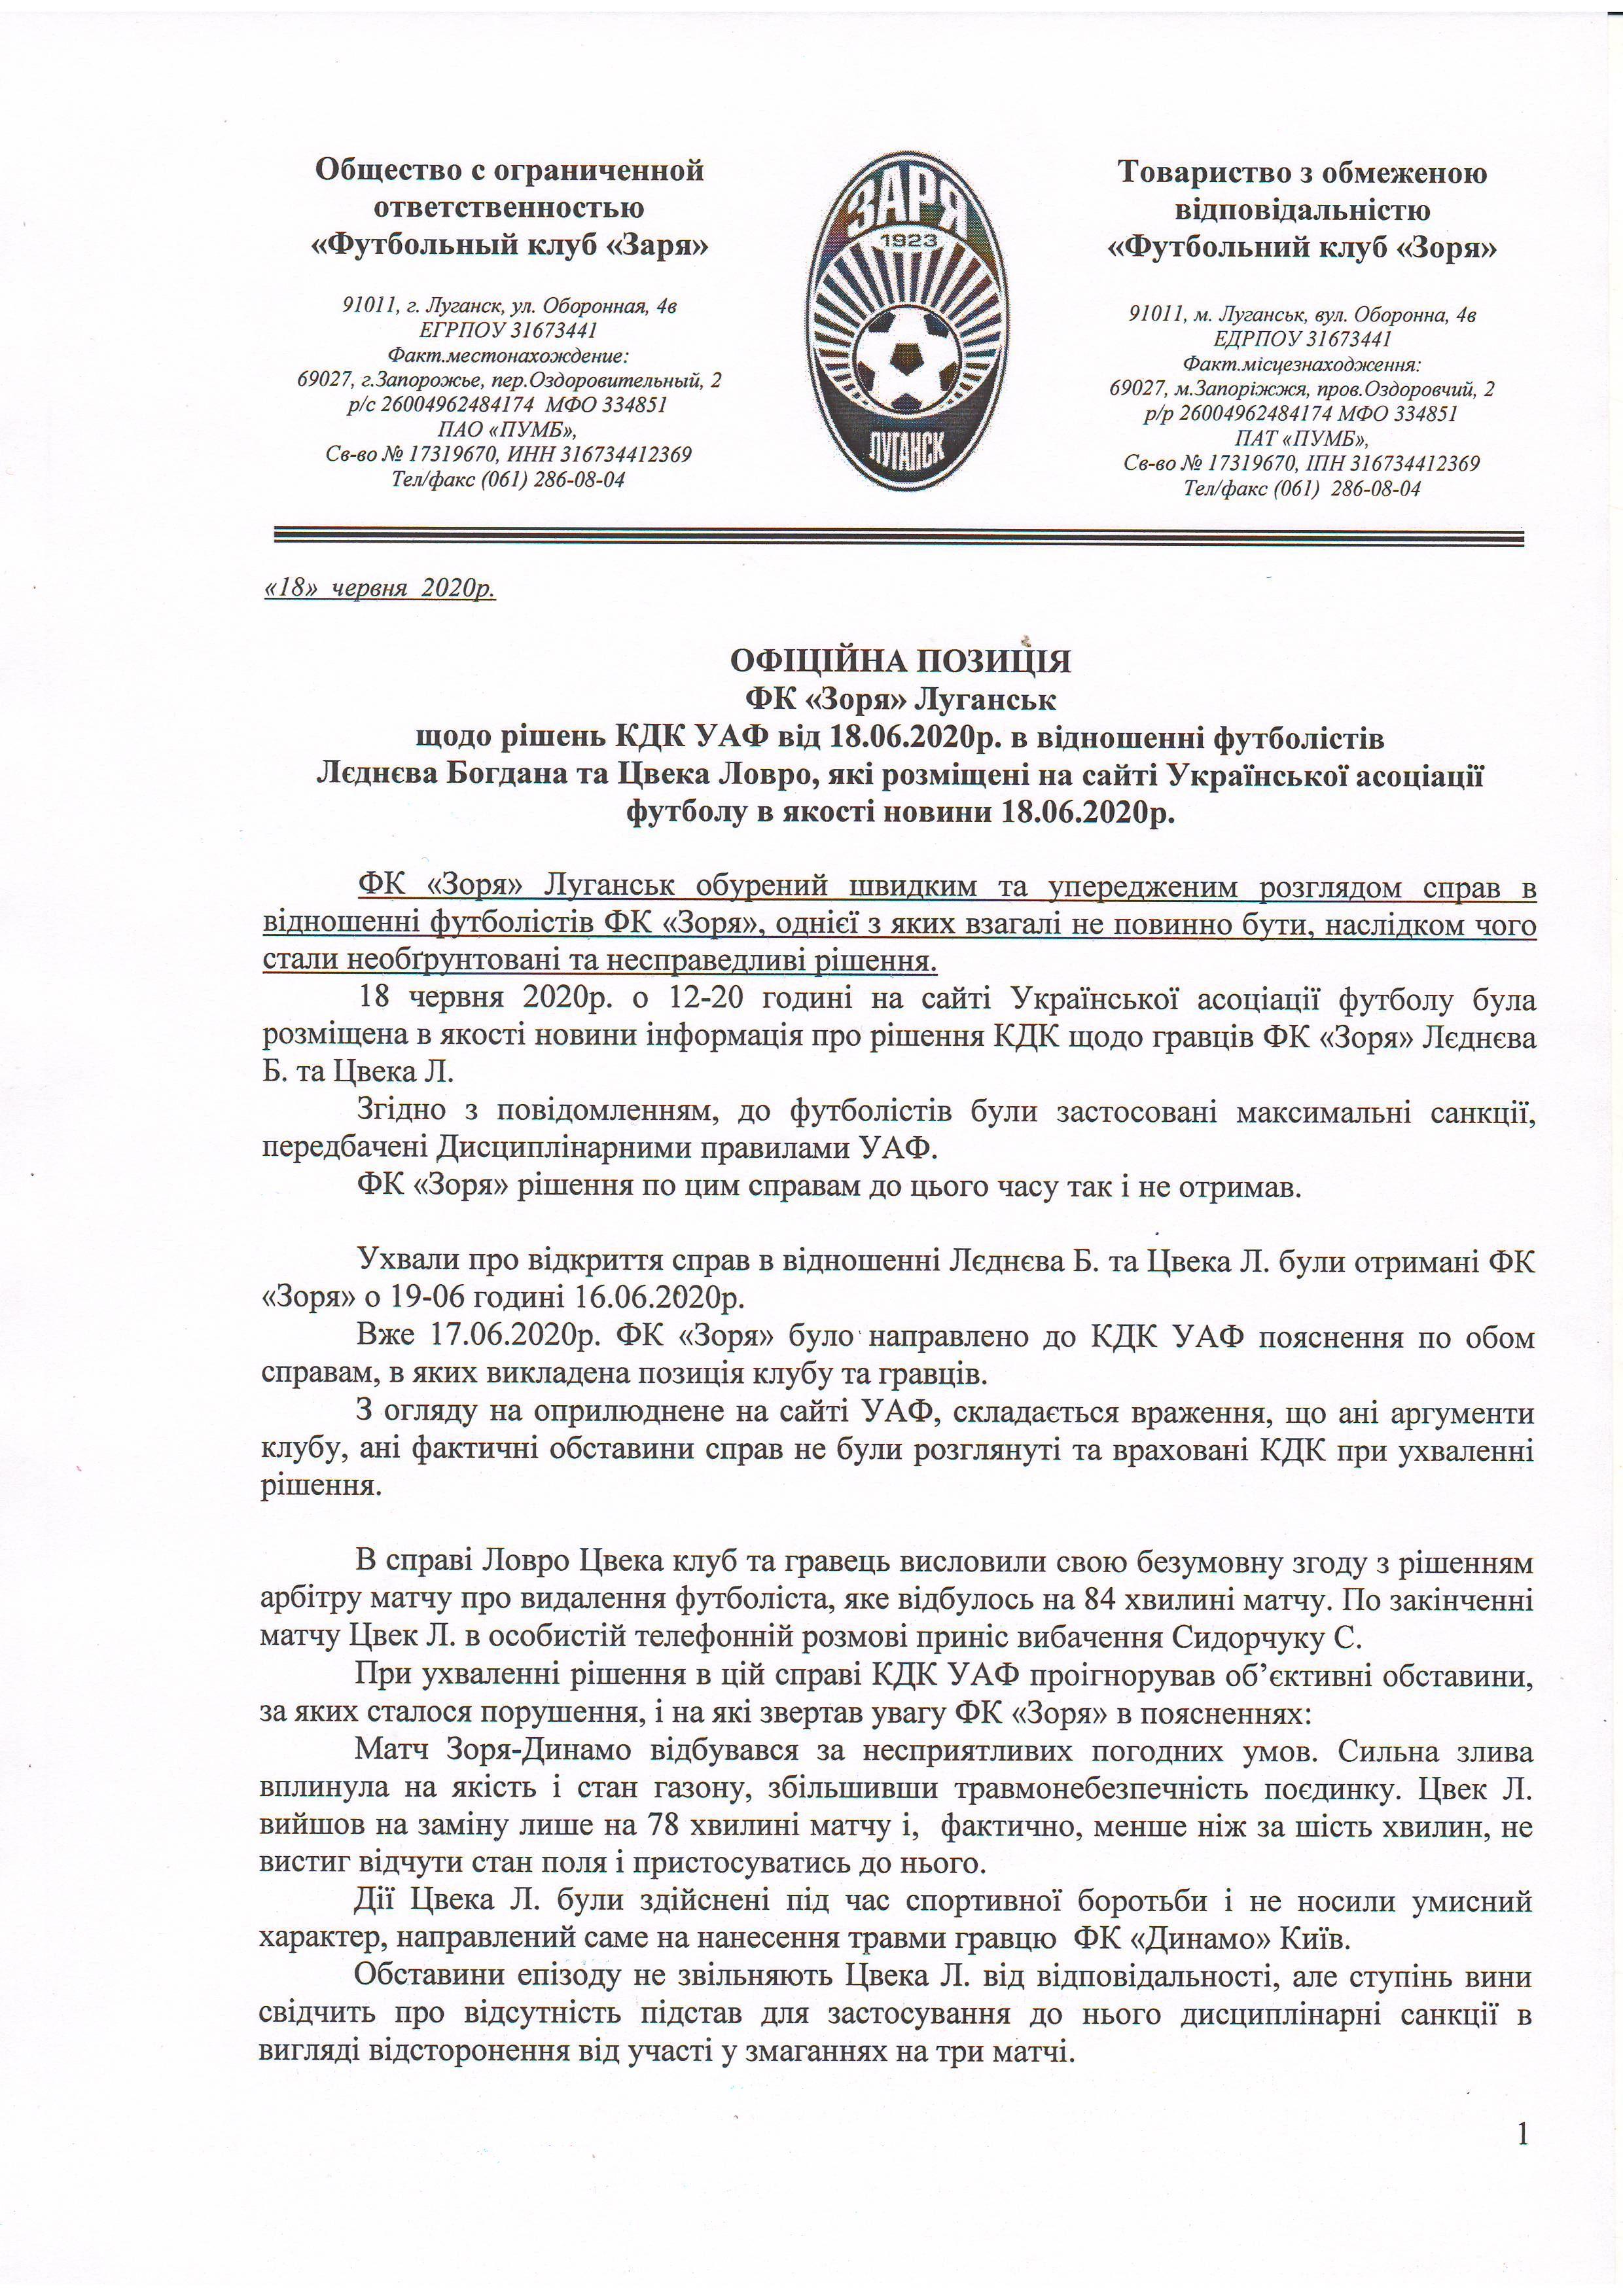 Заря не согласна со сроками дисквалификаций Леднева и Цвека. Клуб требует от КДК  пересмотра решений по игрокам - изображение 1